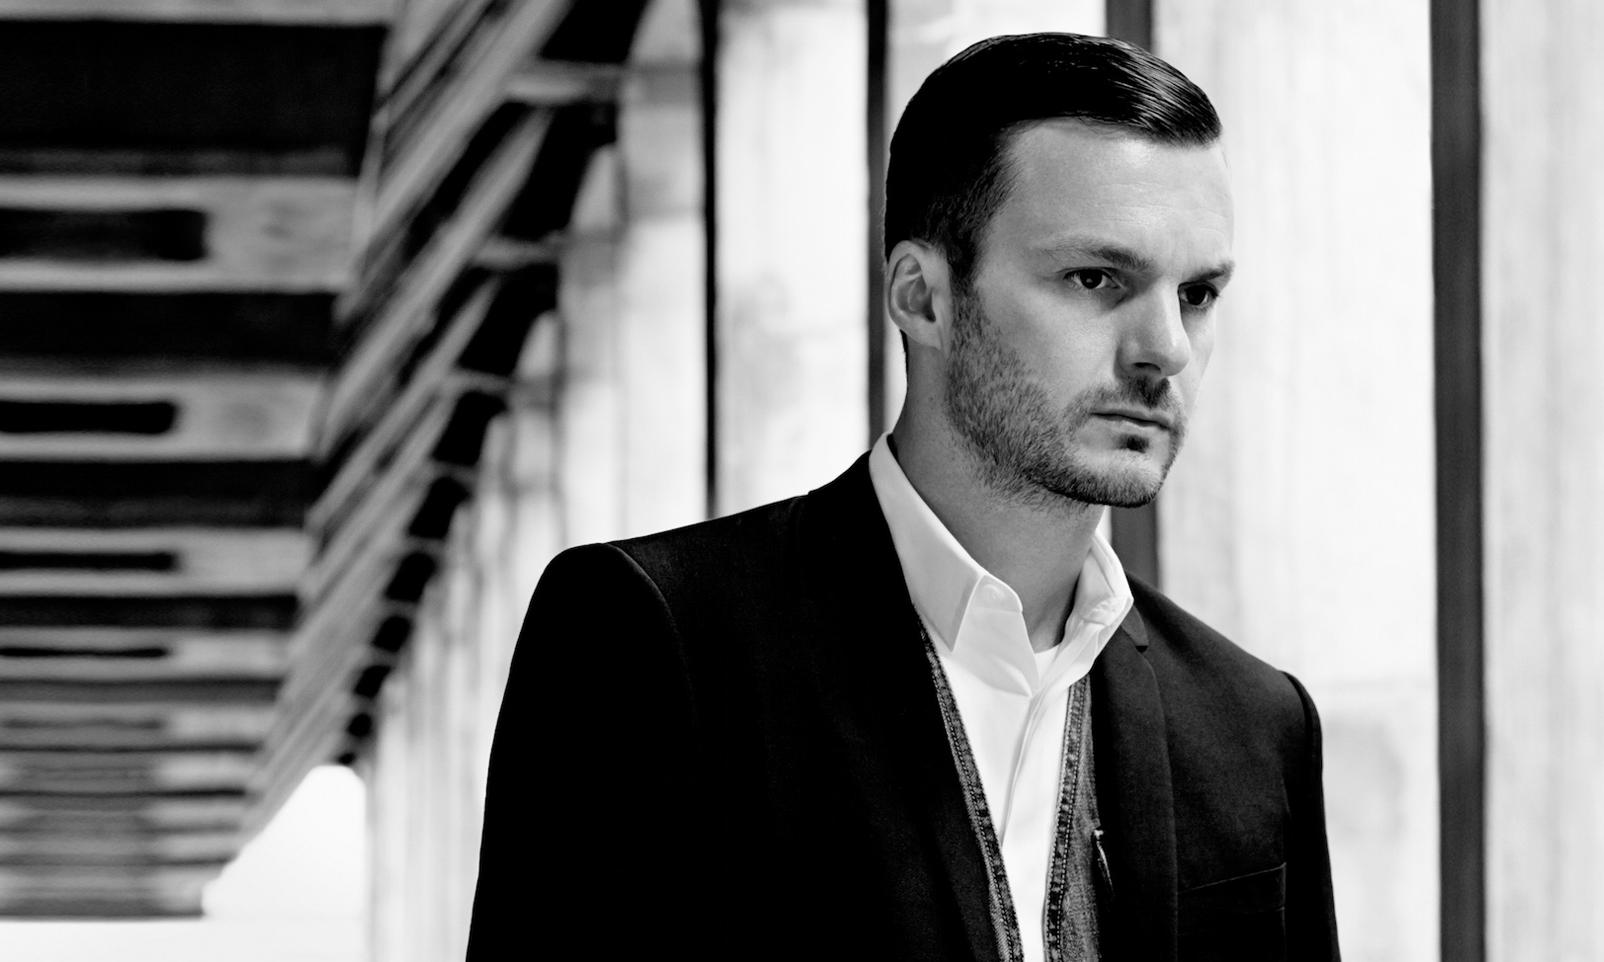 离开 Dior Homme 的 Kris Van Assche 宣布加入 Berluti